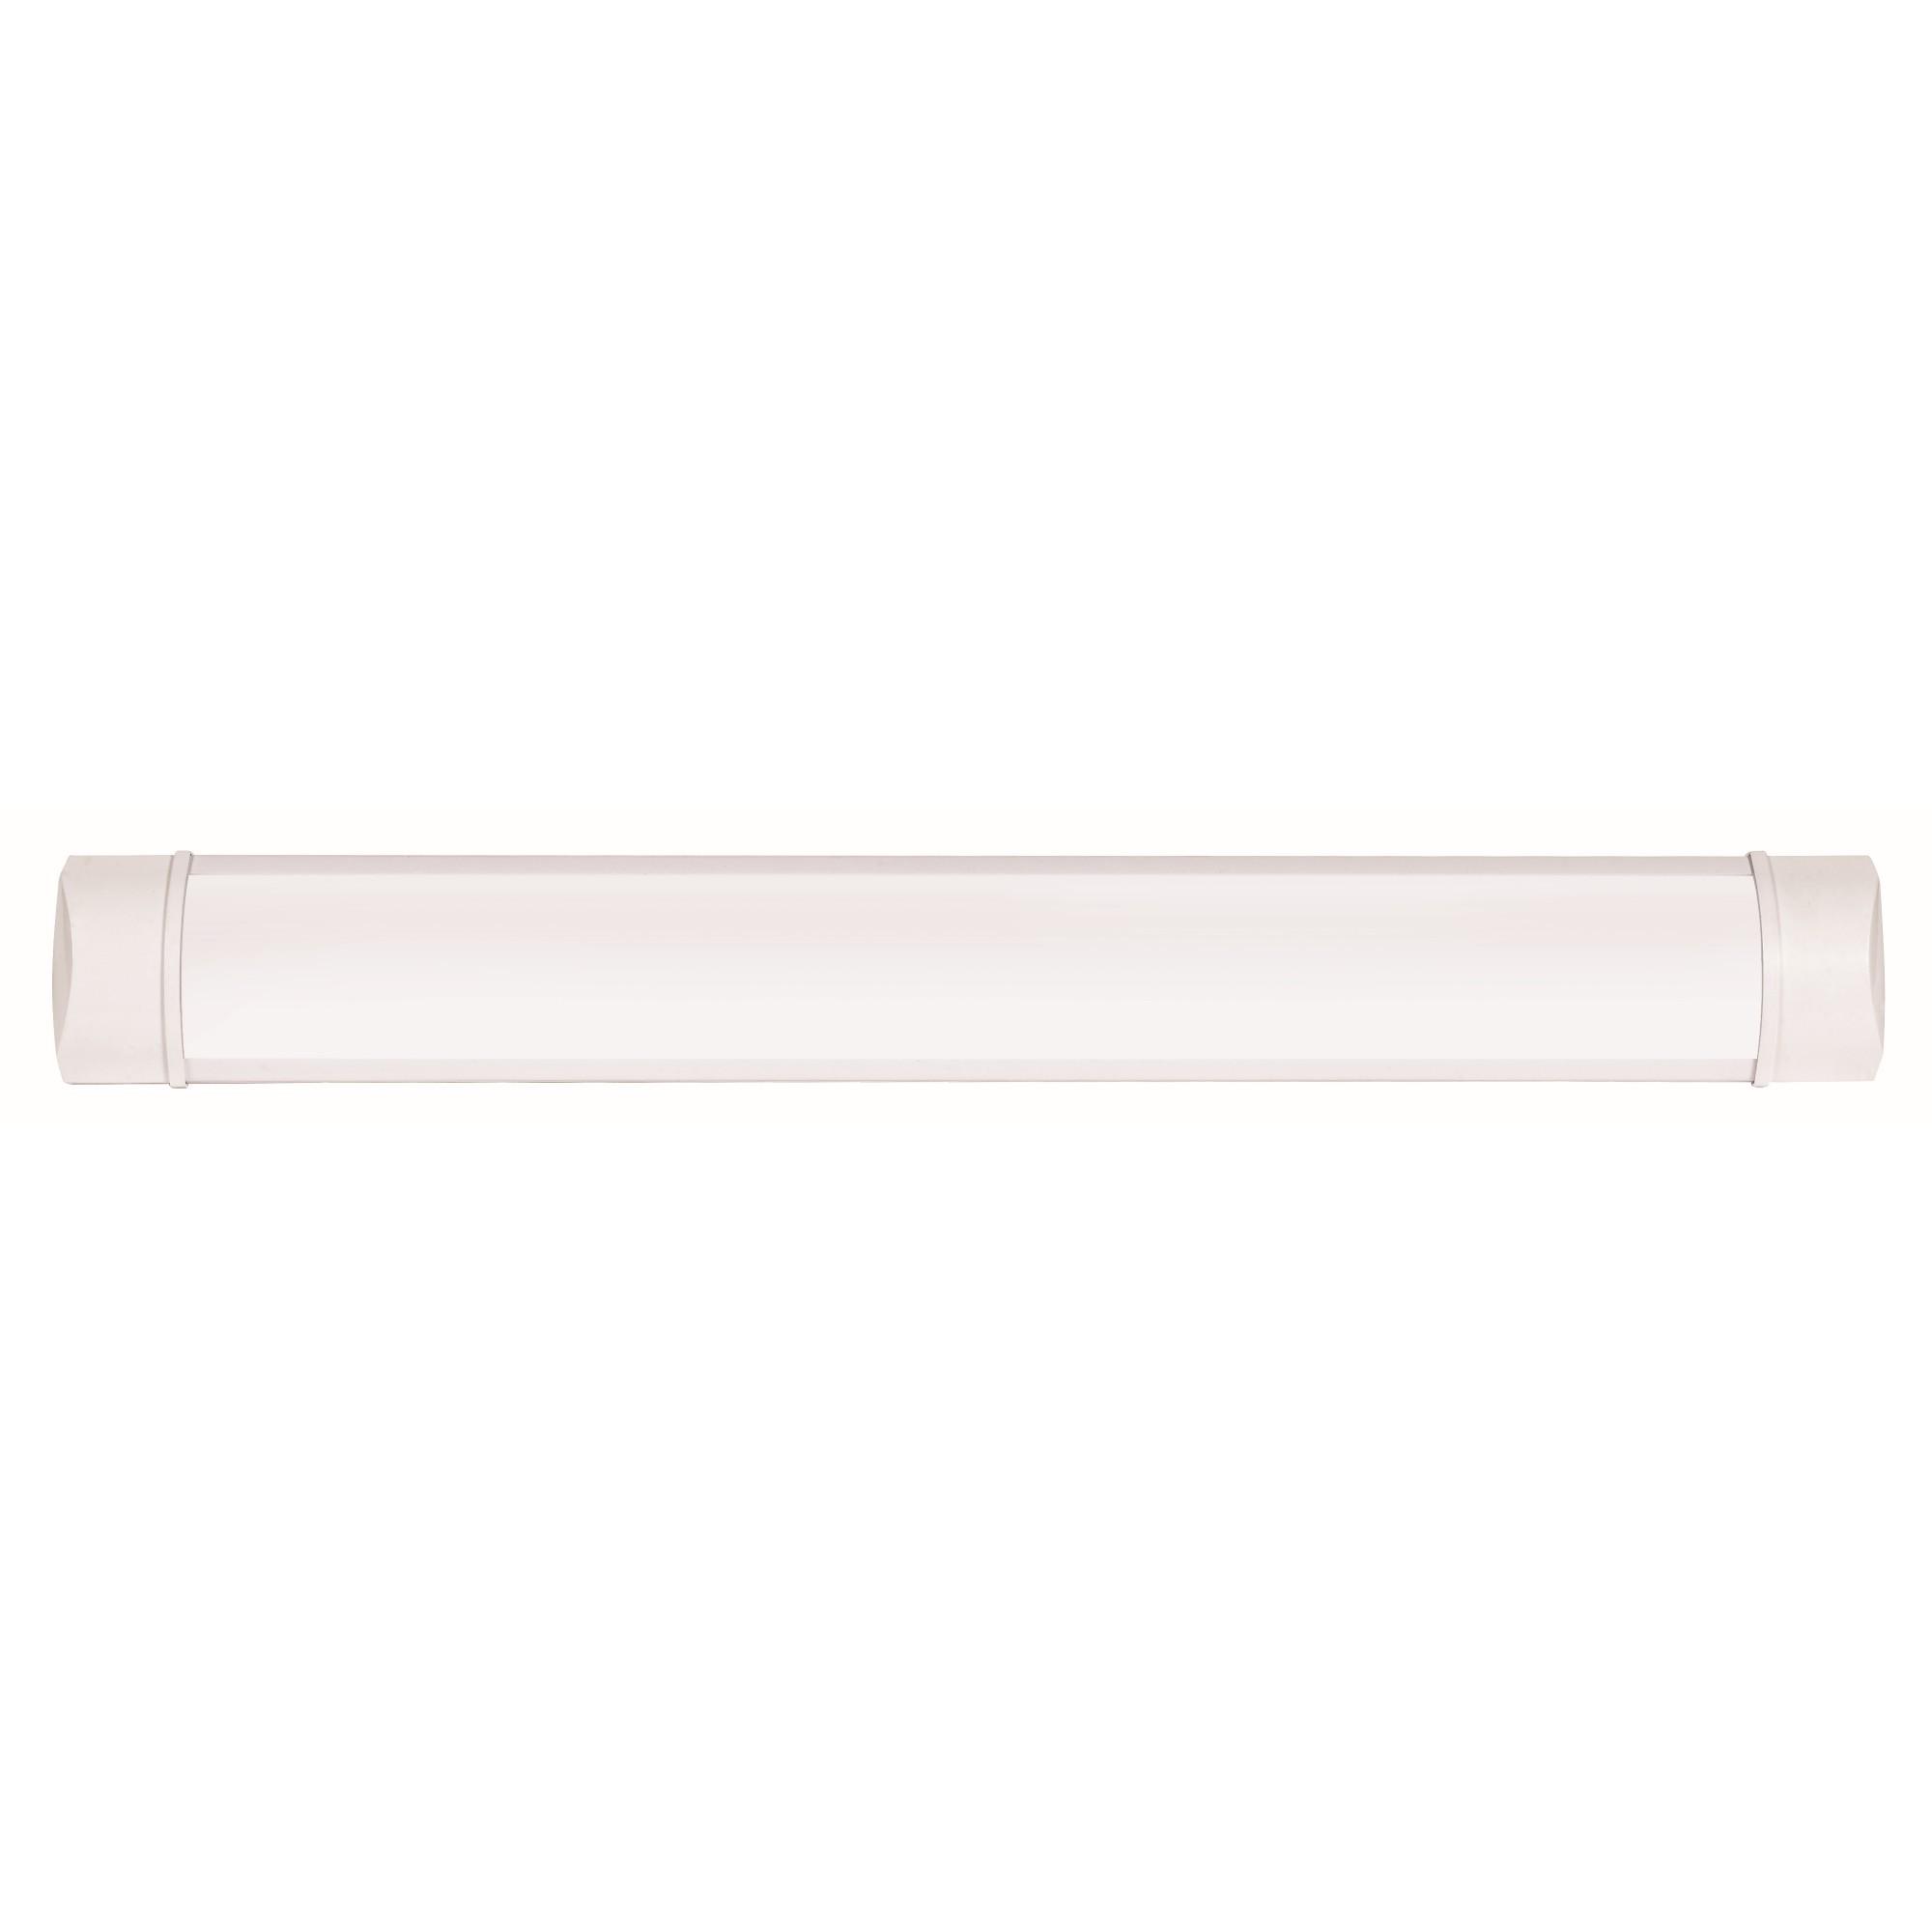 Luminaria Tubular de Sobrepor Plastico Branca 110220V - BV LXT214U-36X - Ecoline